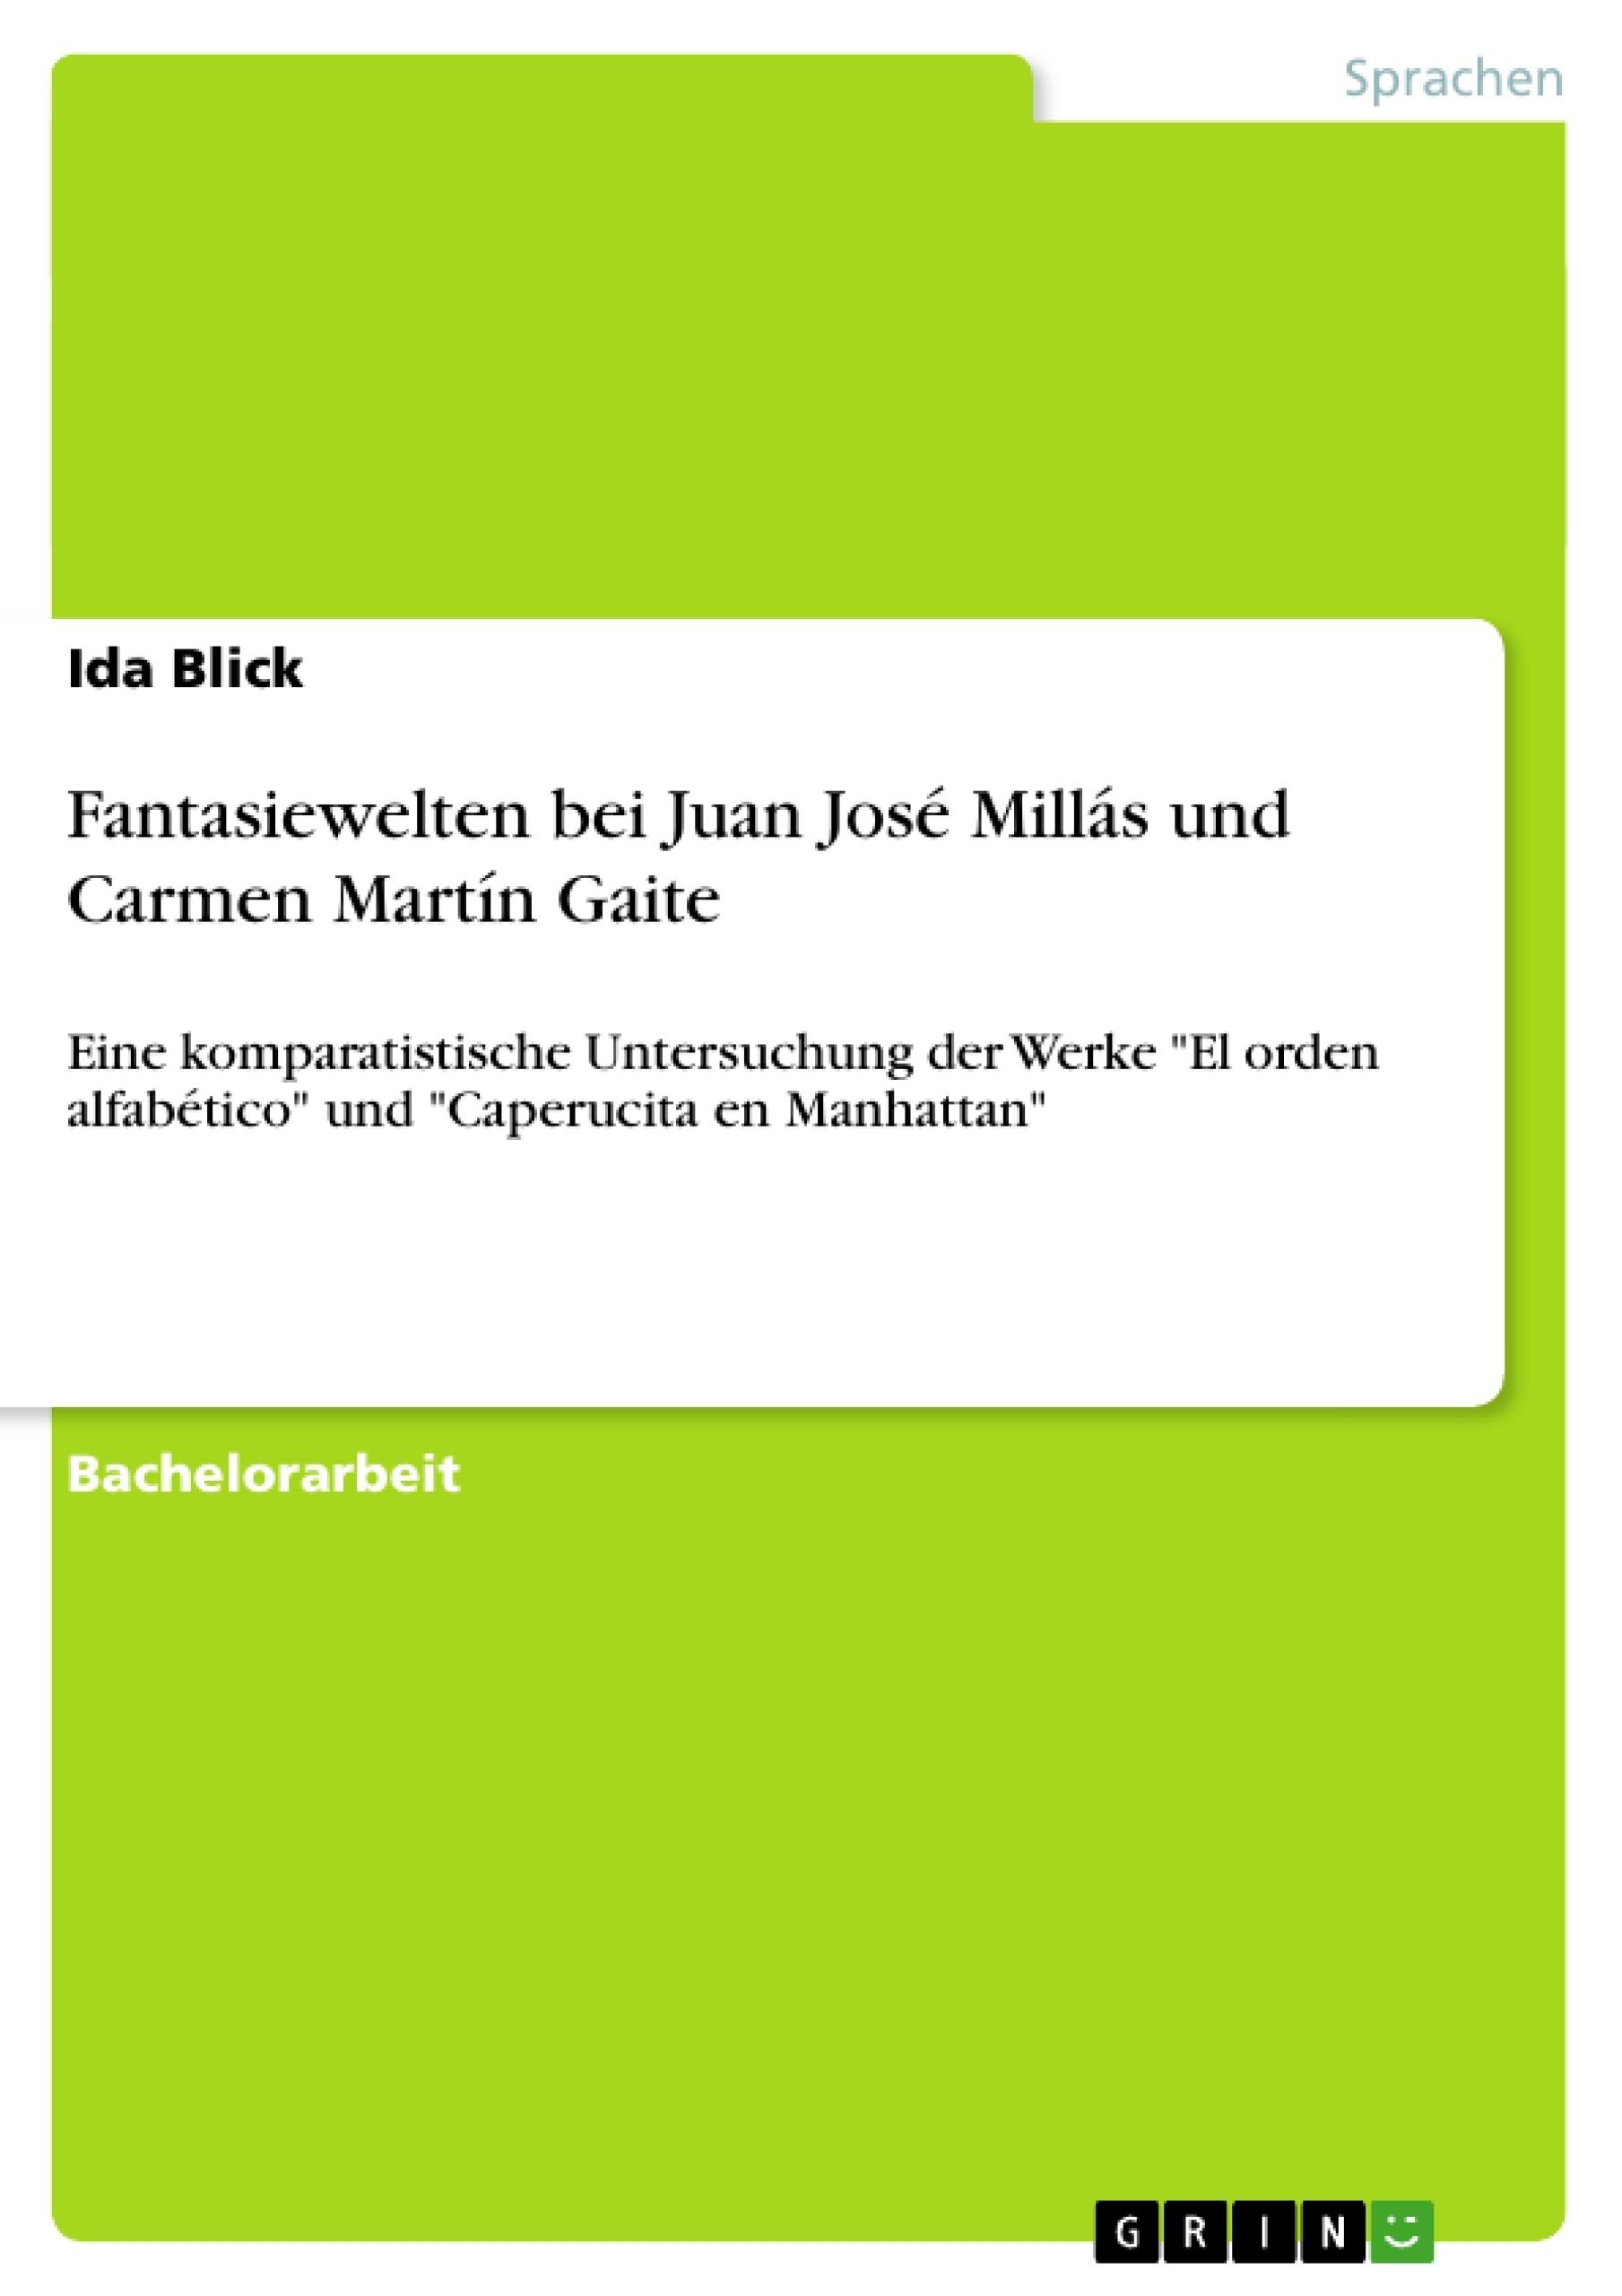 Titel: Fantasiewelten bei Juan José Millás und Carmen Martín Gaite